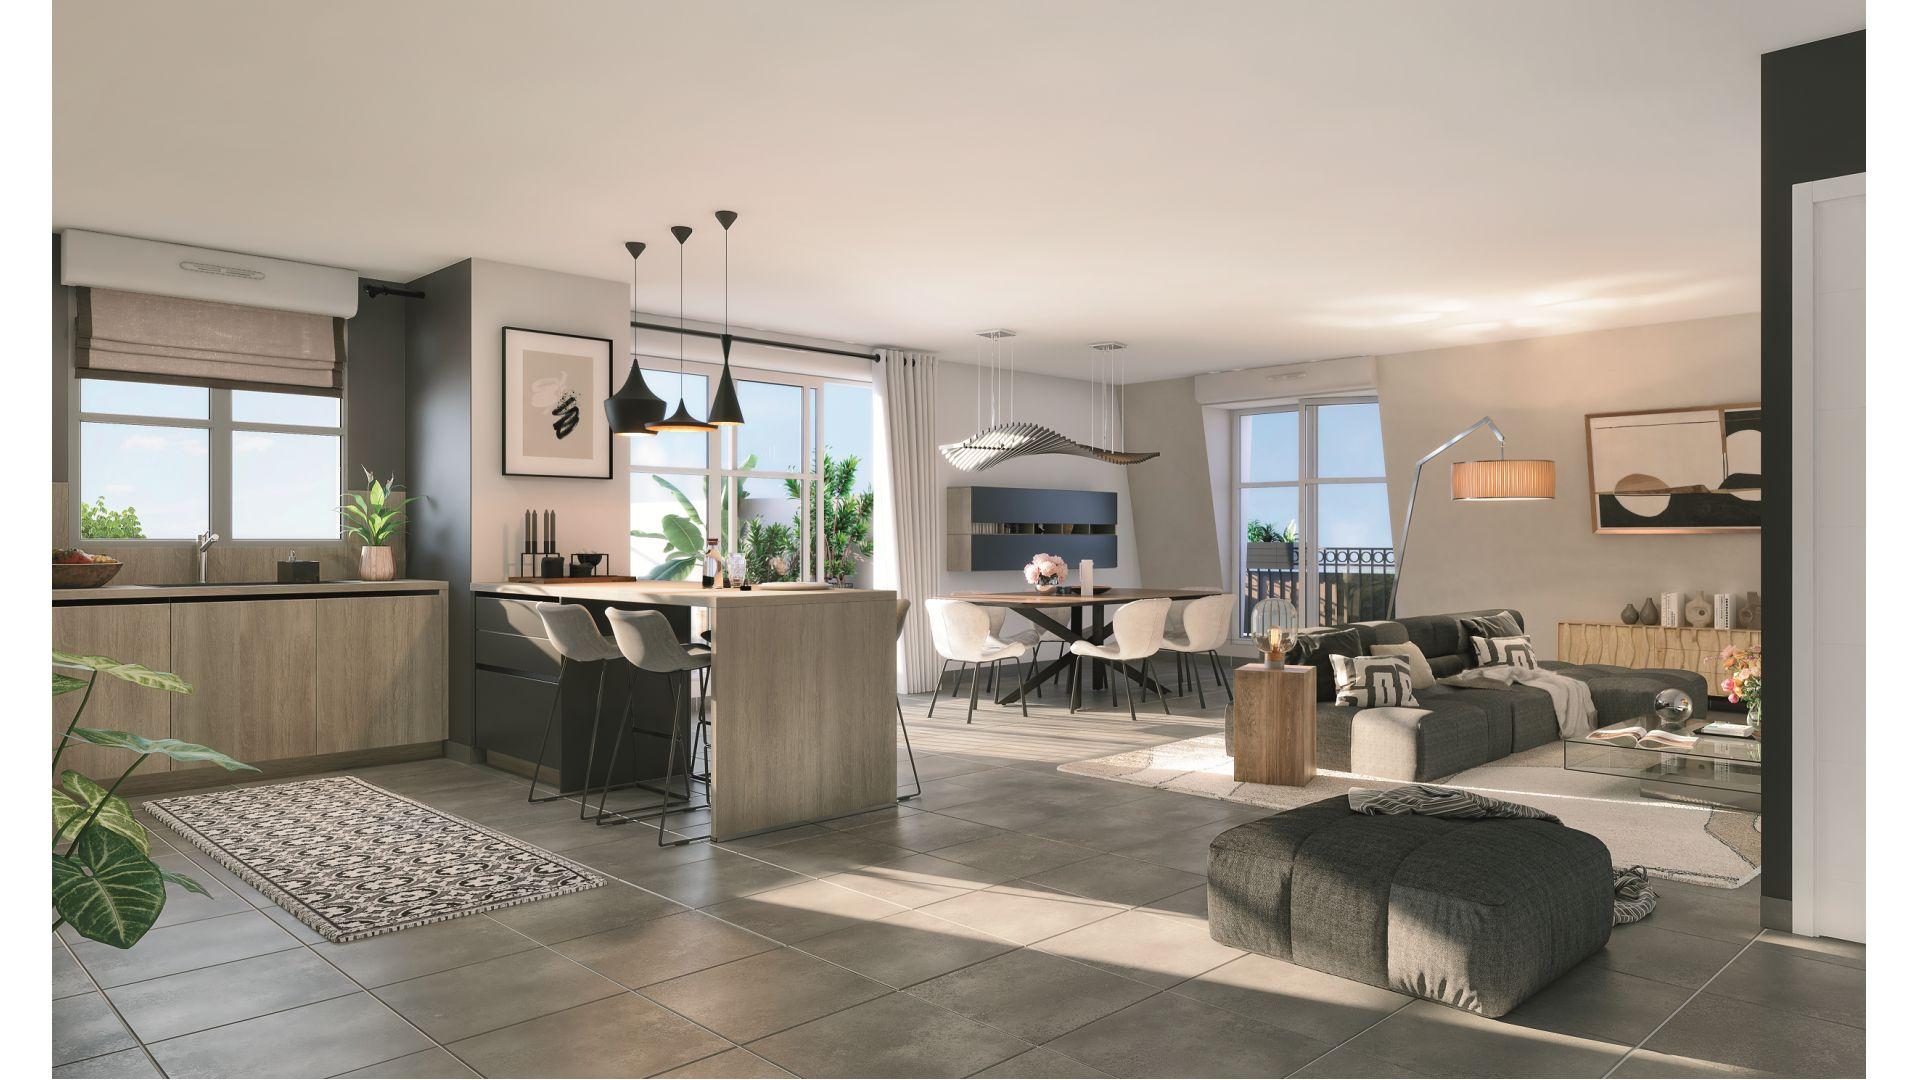 Greencity Immobilier - Cours Boileau - achat appartements neufs du T1 au T5 - Aulnay-sous-Bois - 93600   - vue intérieure